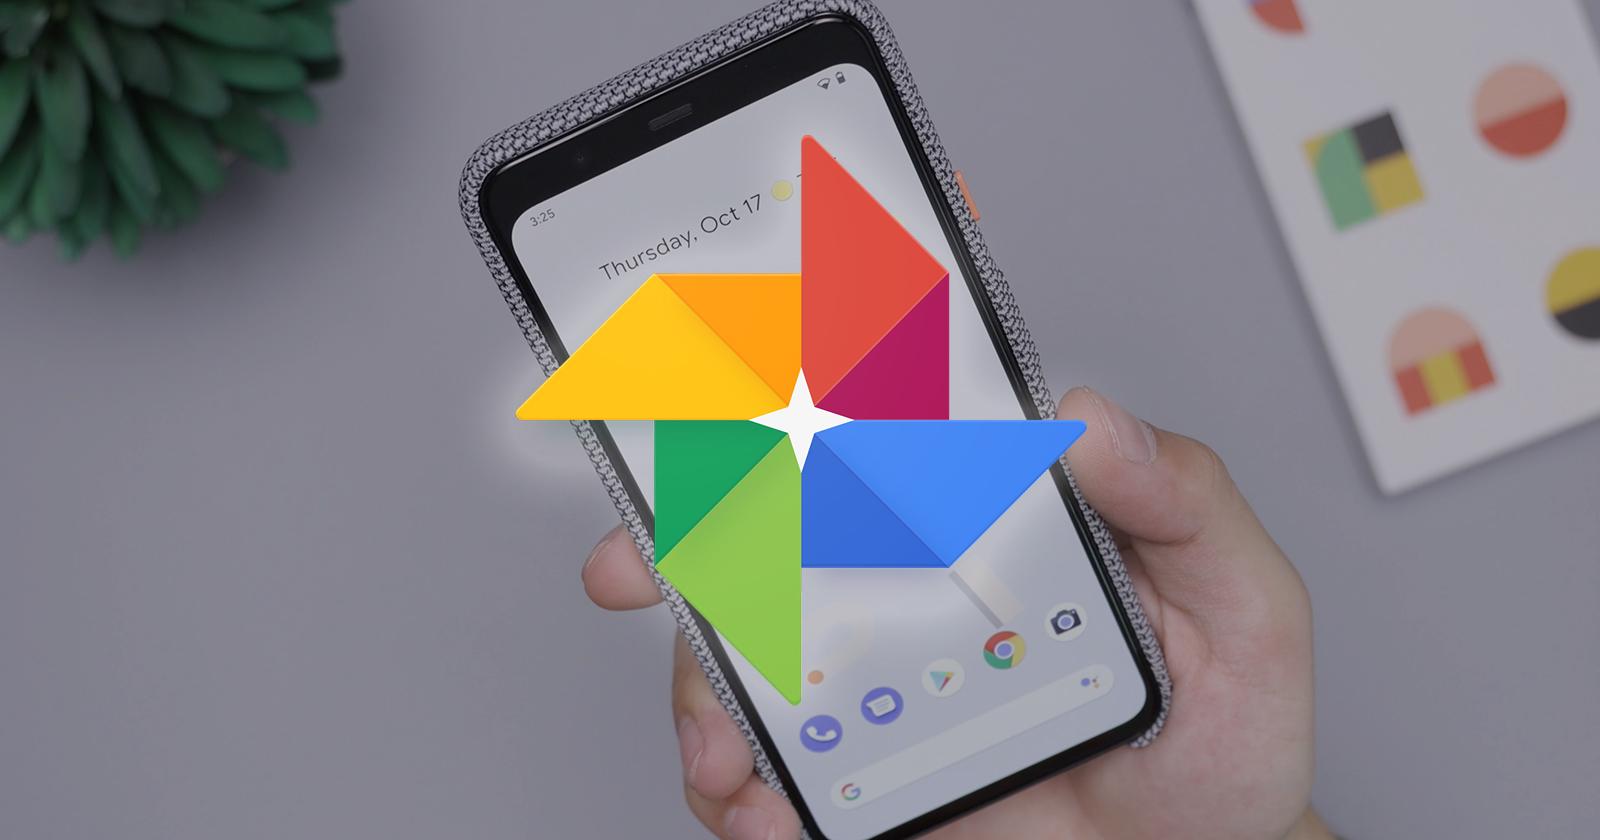 Un bug de Google Photos envió los vídeos de algunos usuarios a desconocidos